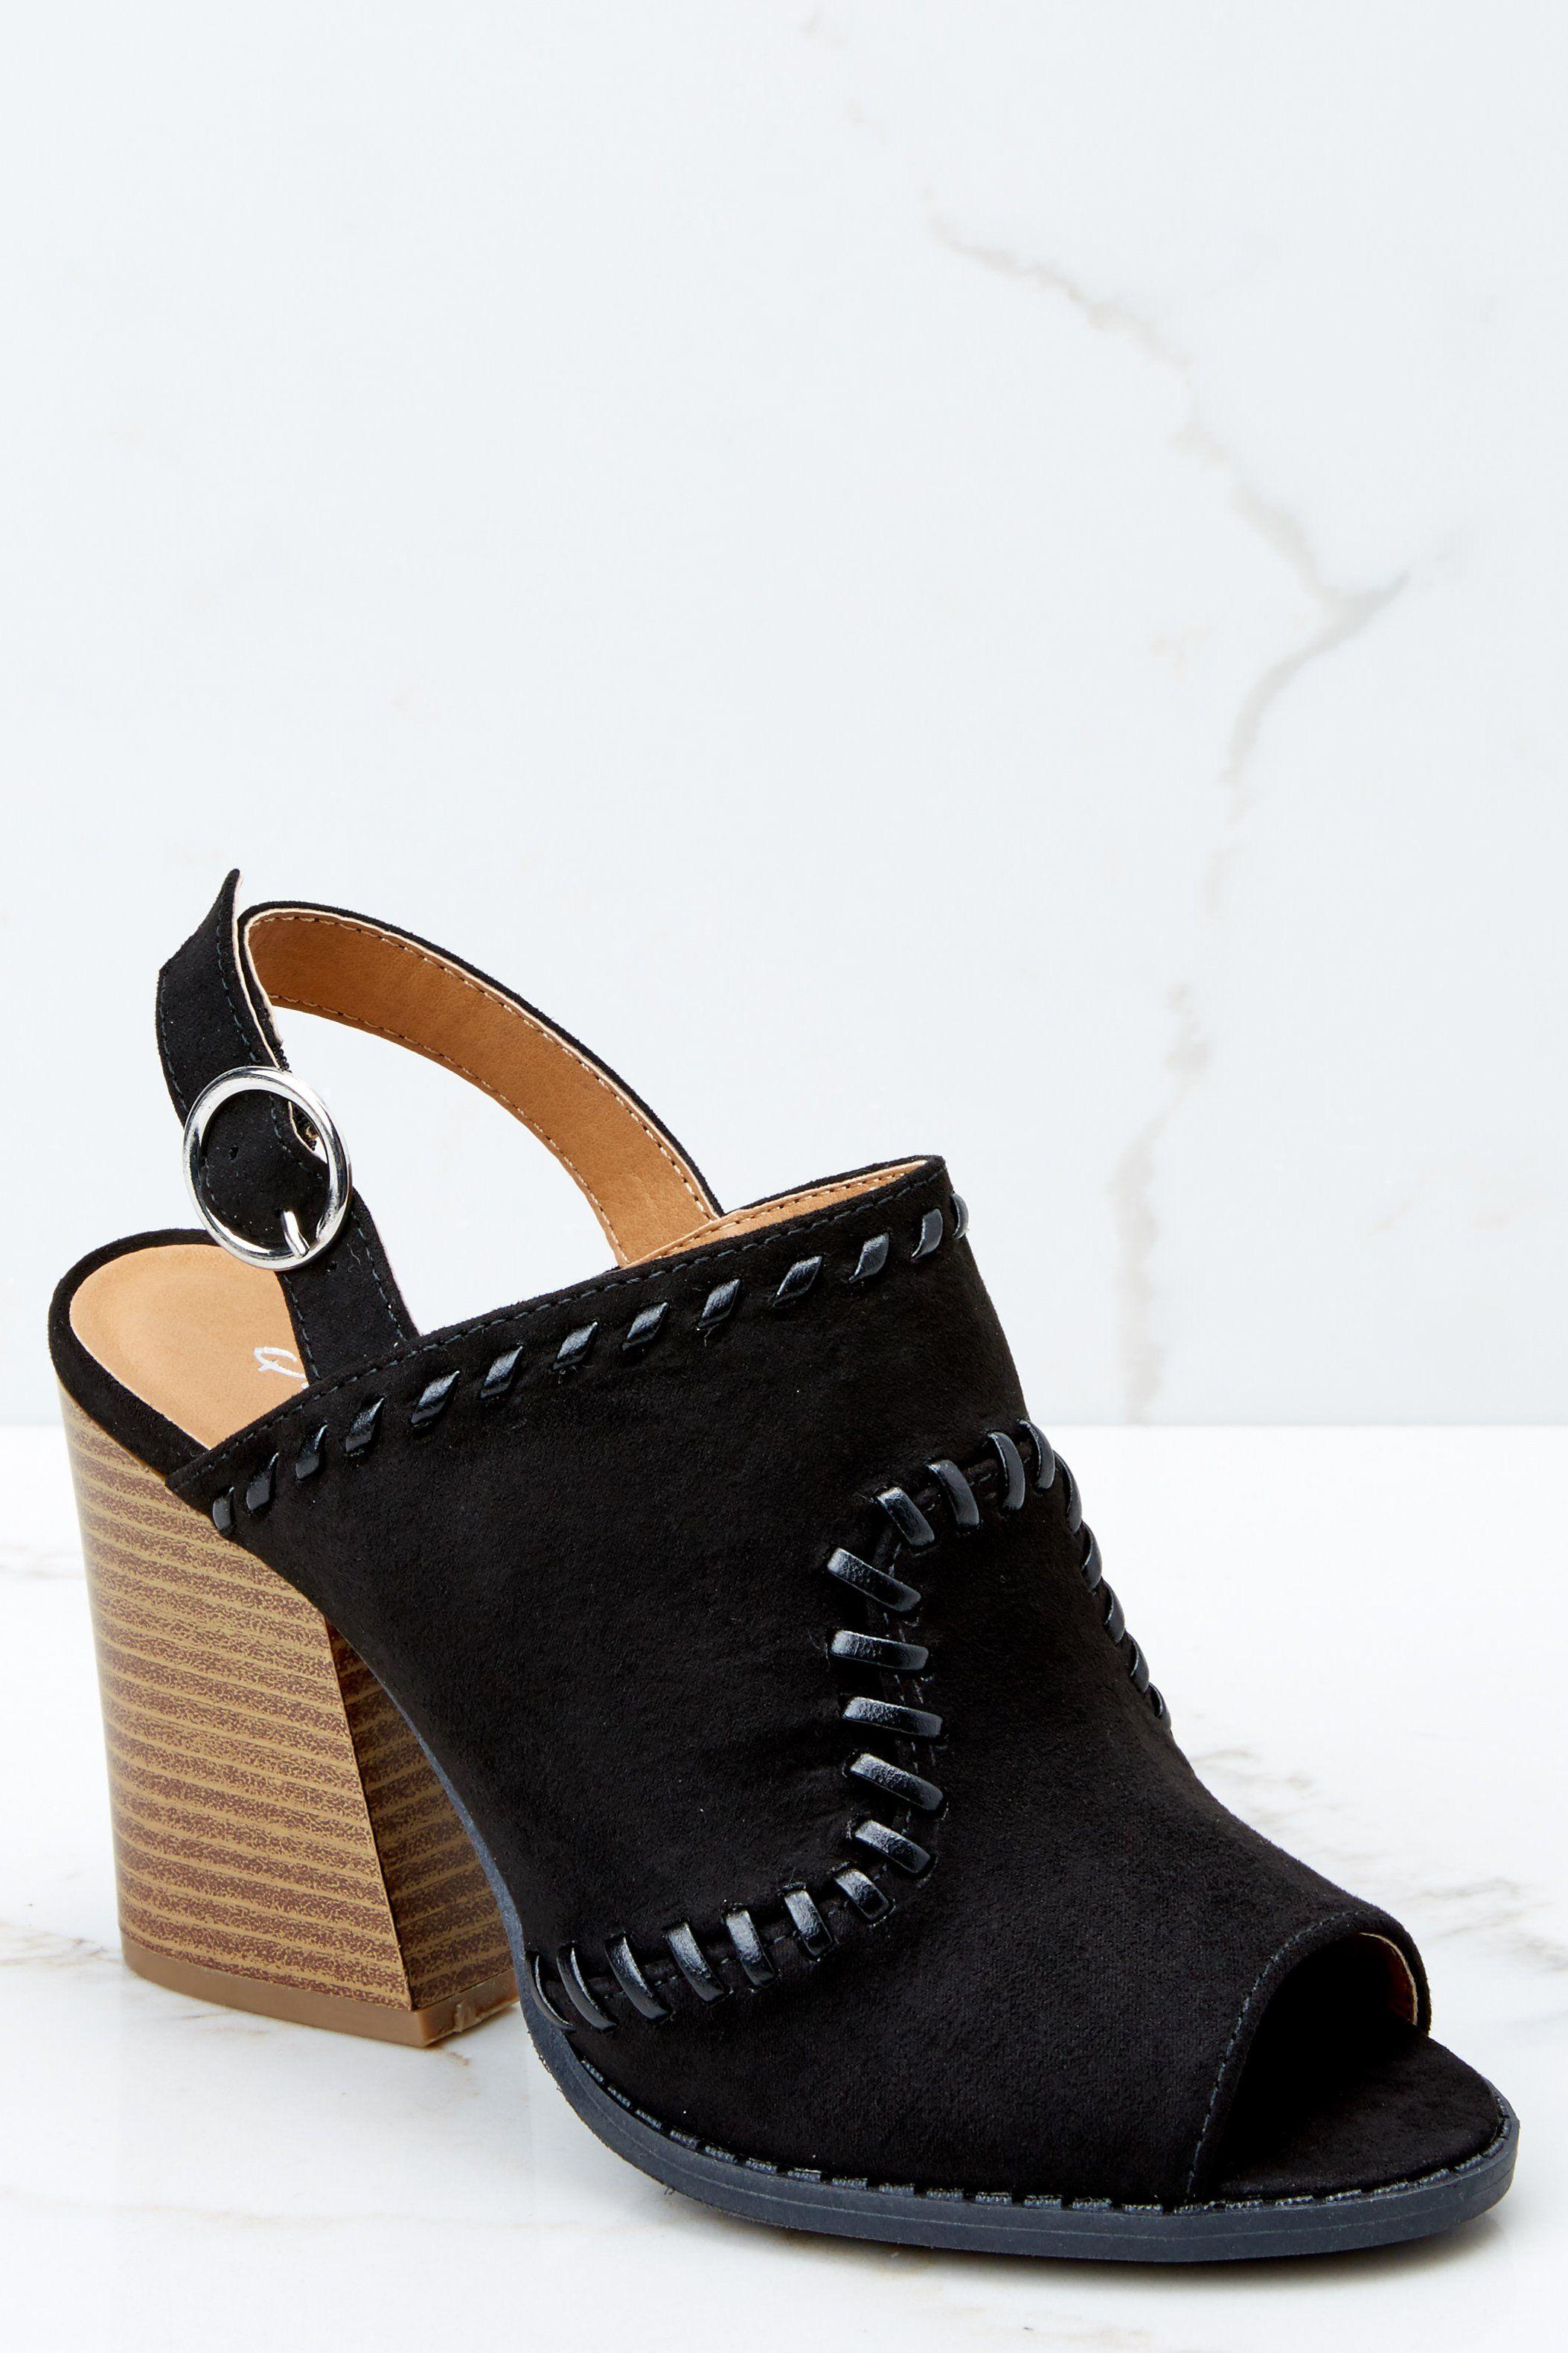 cbde1e9b3dcd Trendy Black Peep Toe Heels - Ankle Strap Heels - Heels -  38.00 – Red Dress  Boutique